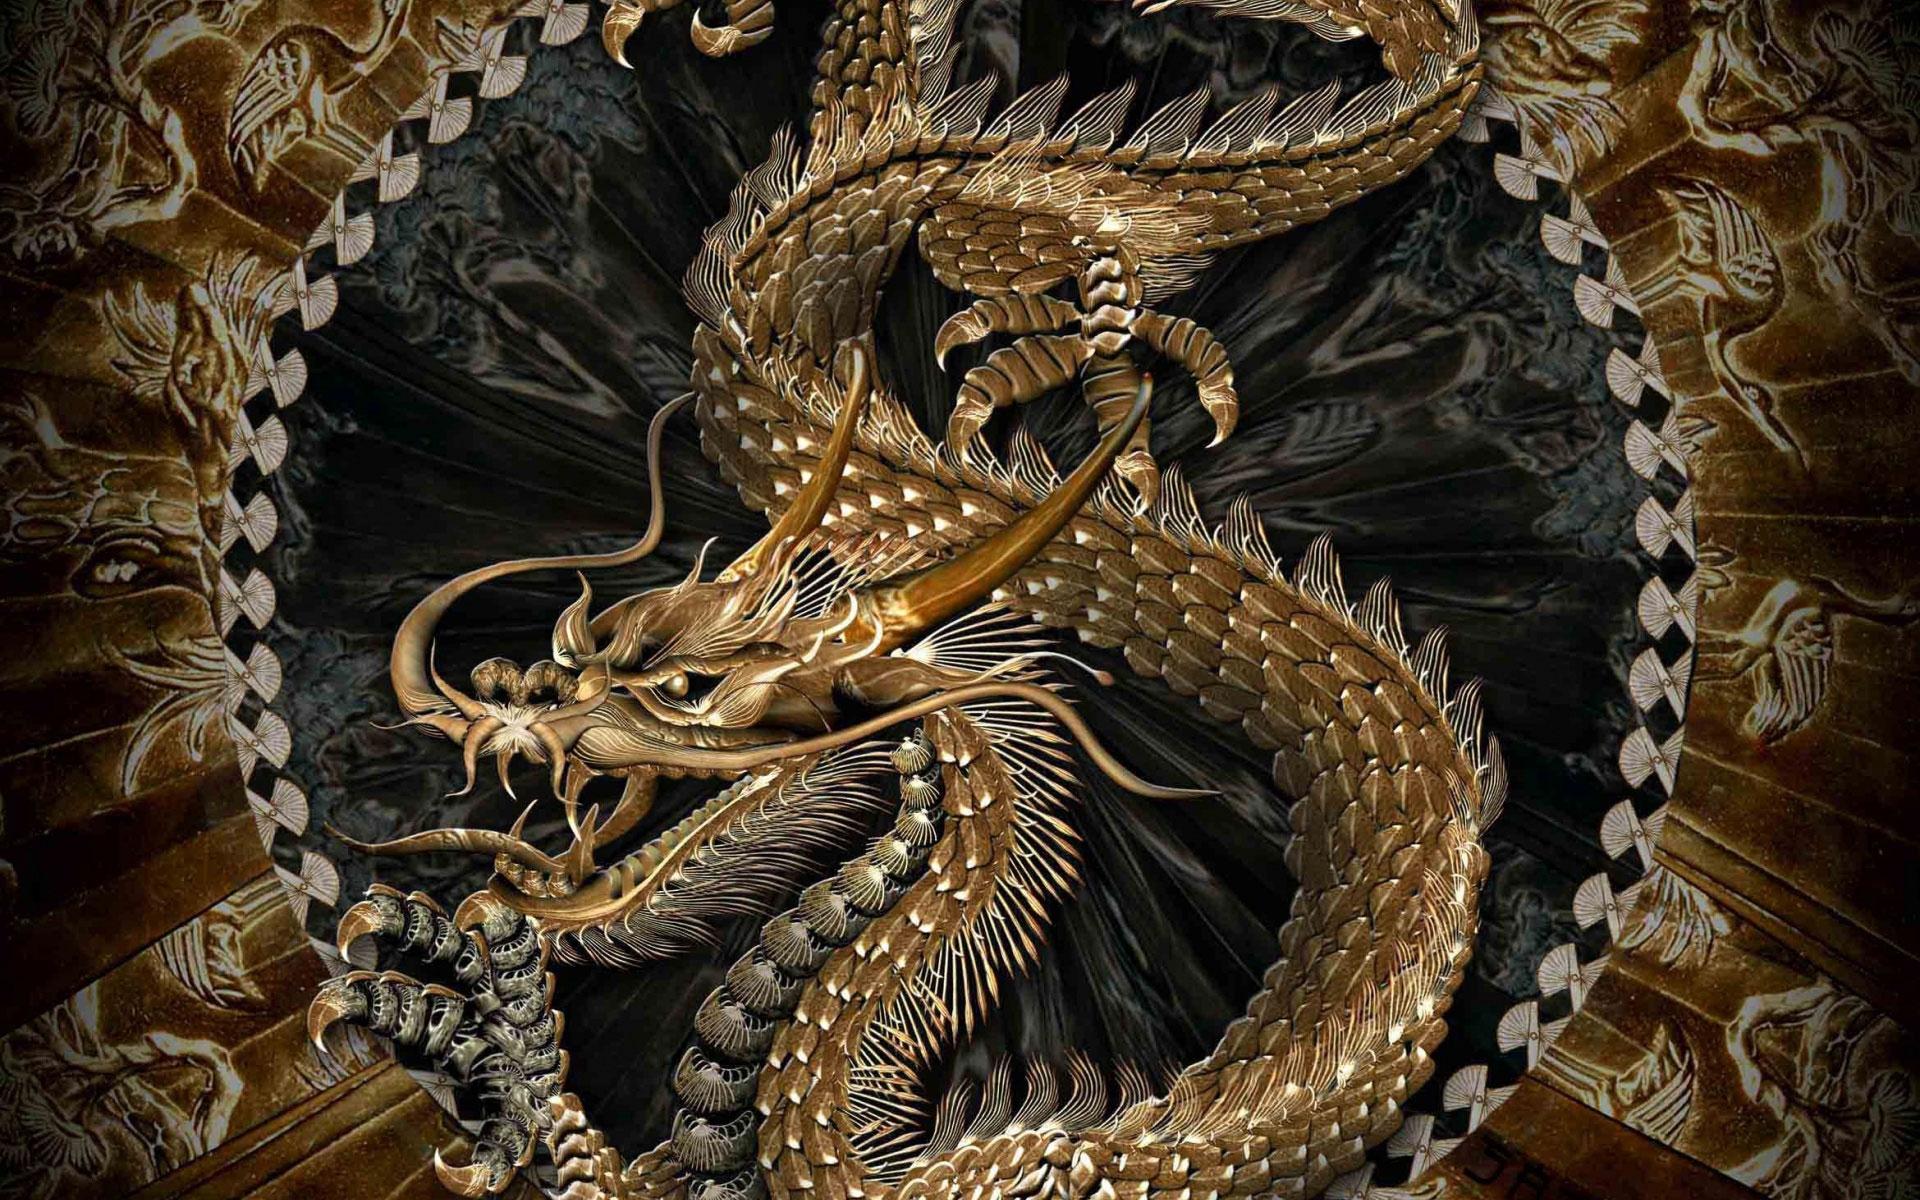 Драконы заставки на рабочий стол   лучшие обои (6)